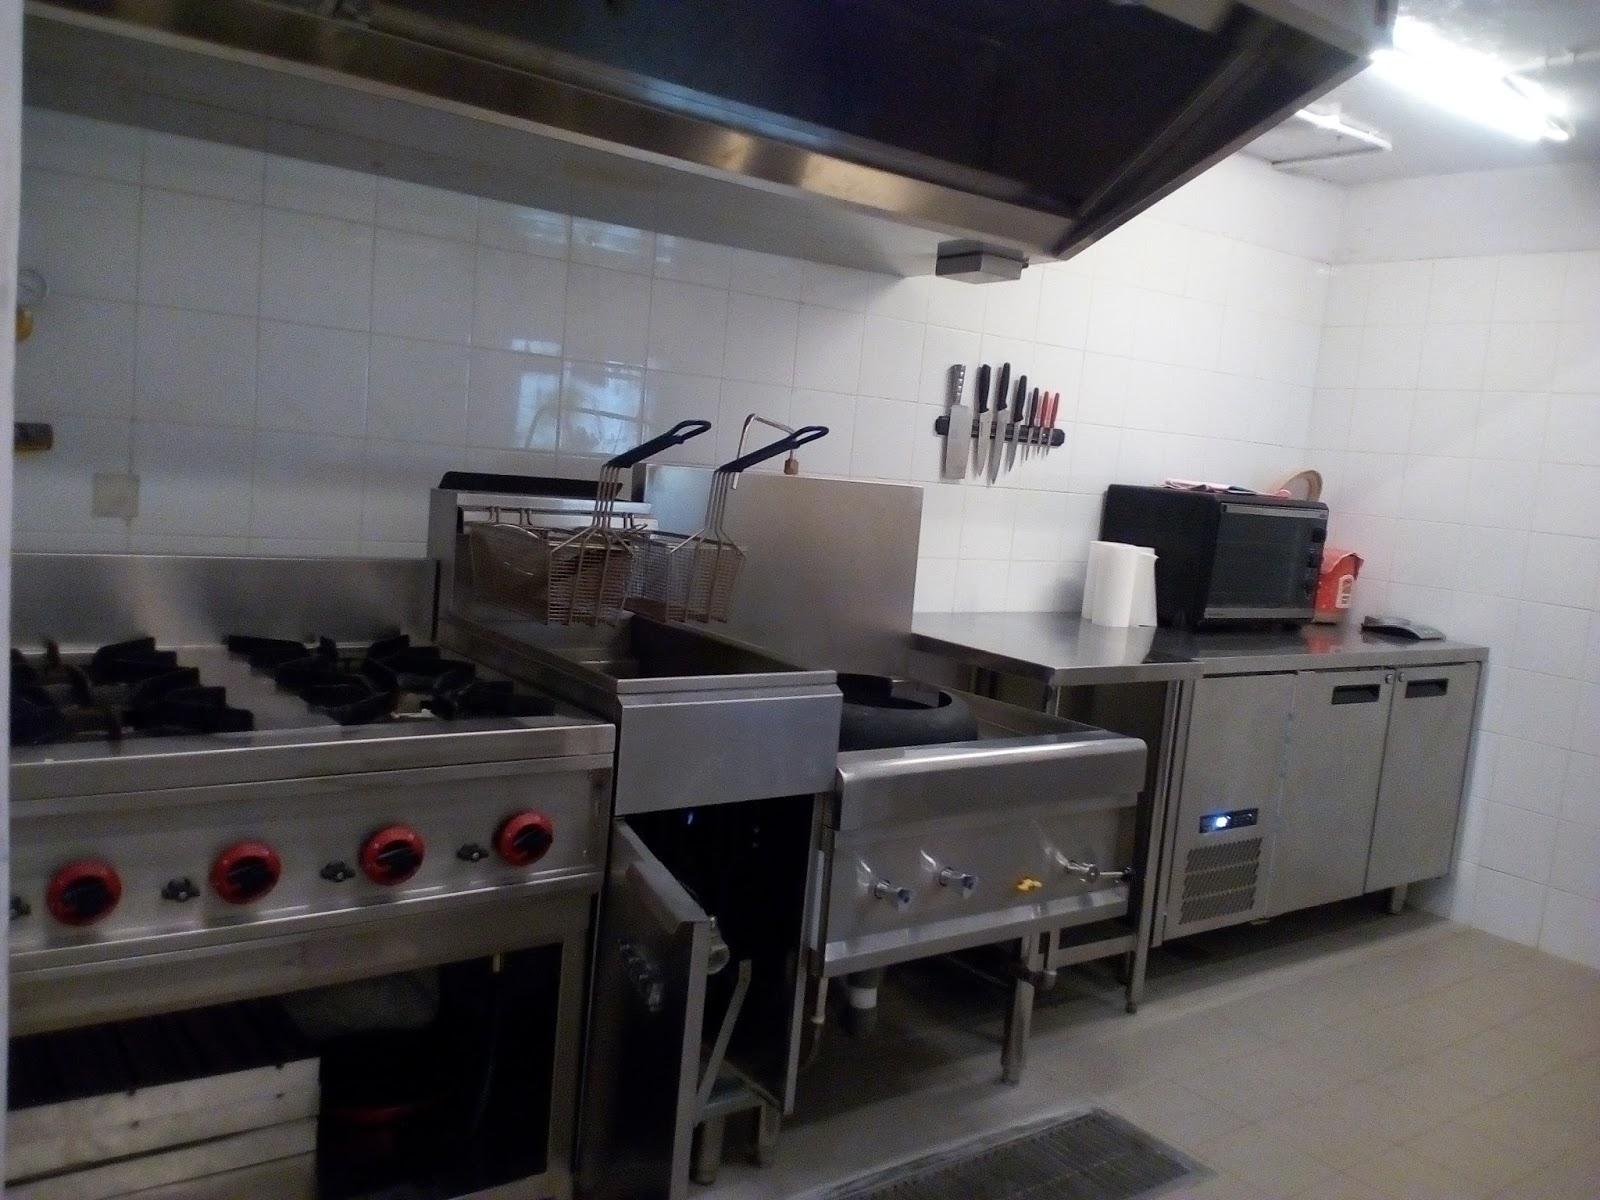 Peralatan kitchen equipment harga murah dan berkualitas